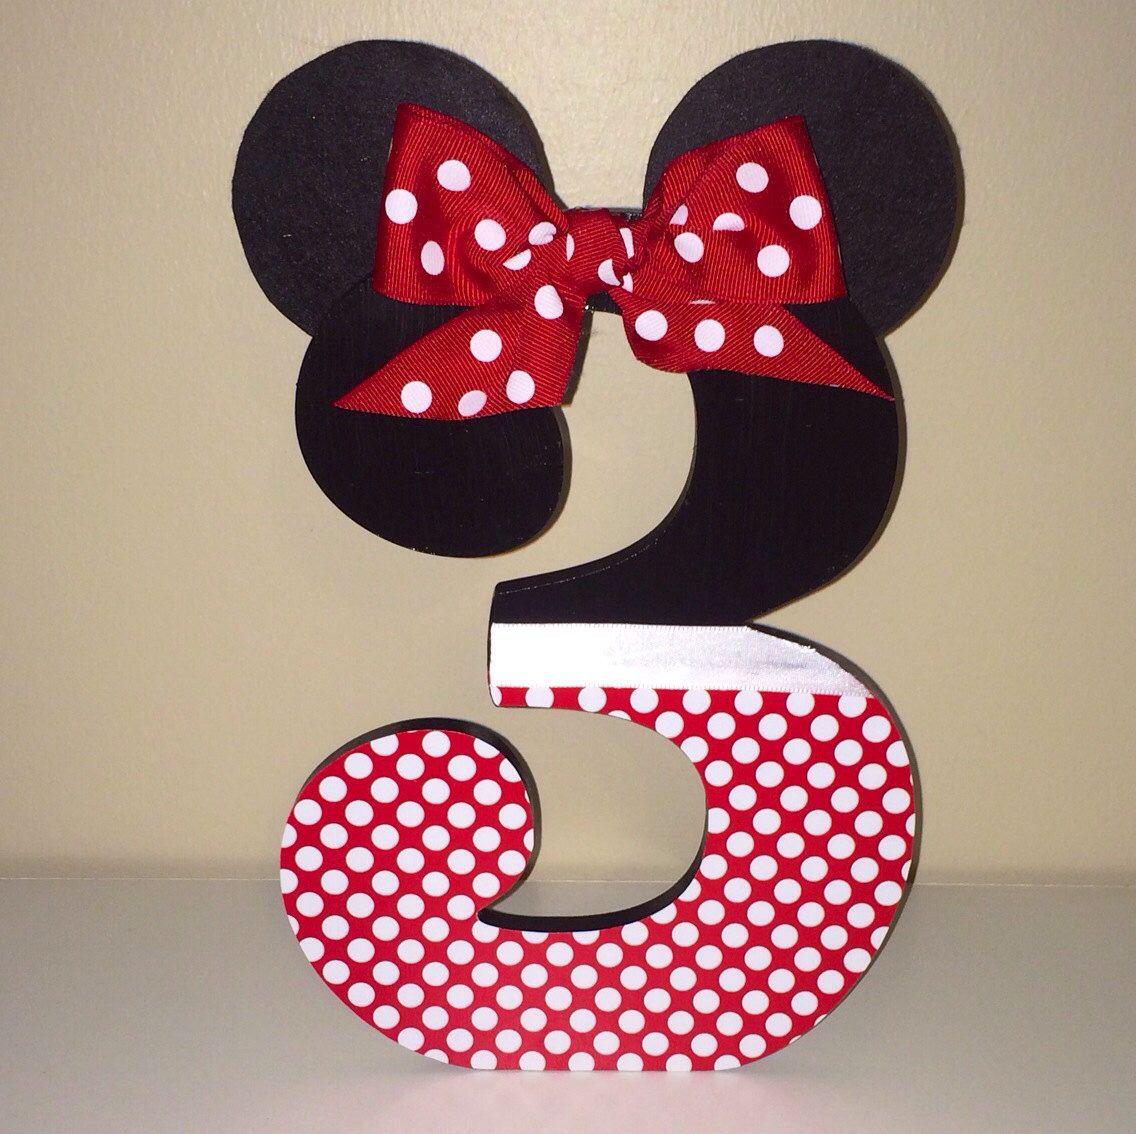 Pin von Amanda Edwards auf Mickey & Minnie Mouse | Pinterest